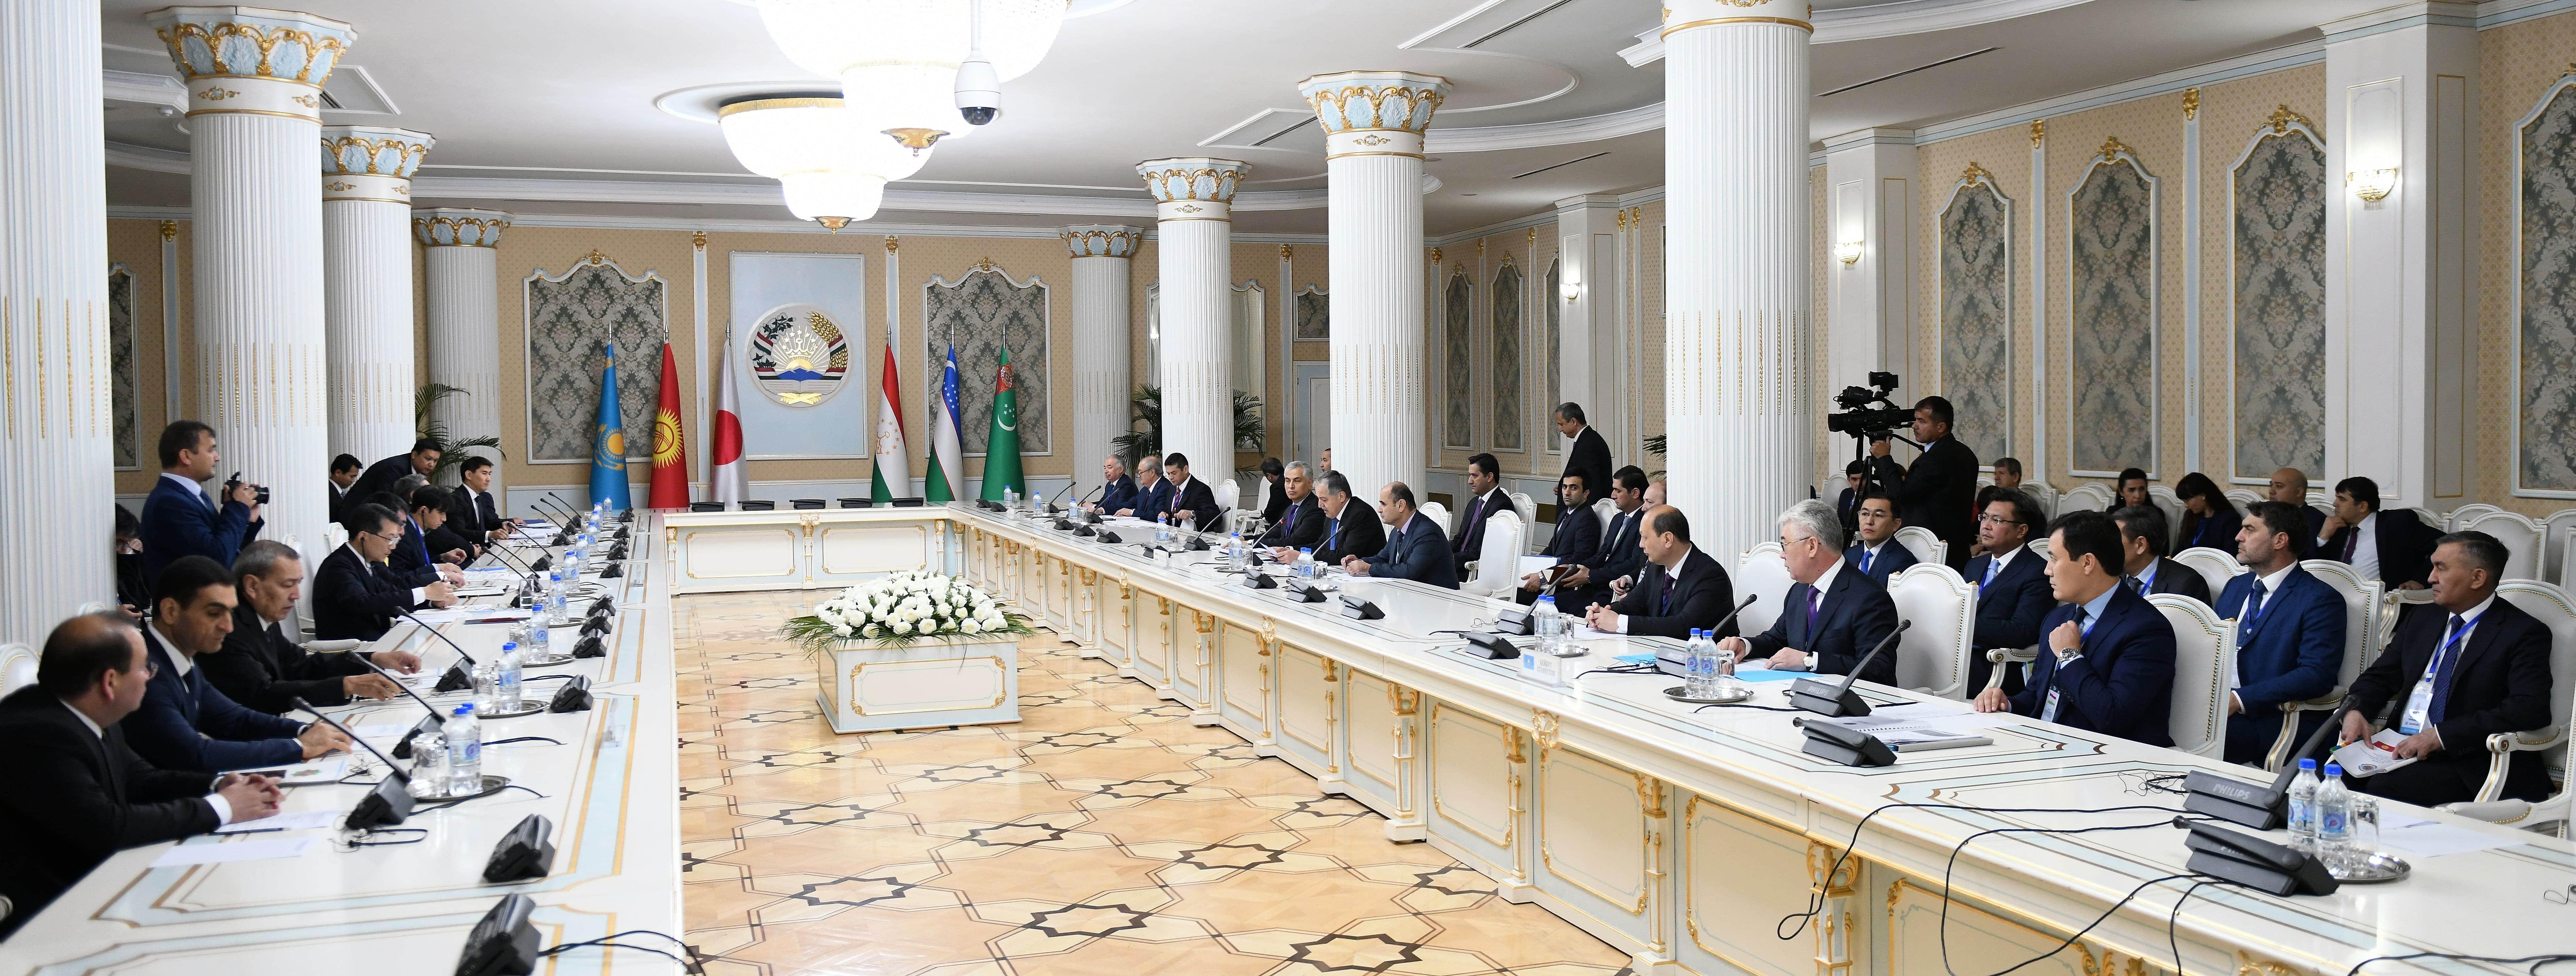 Орталық Азия елдері Жапониямен ынтымақтастық келешегін талқылады - ҚР СІМ